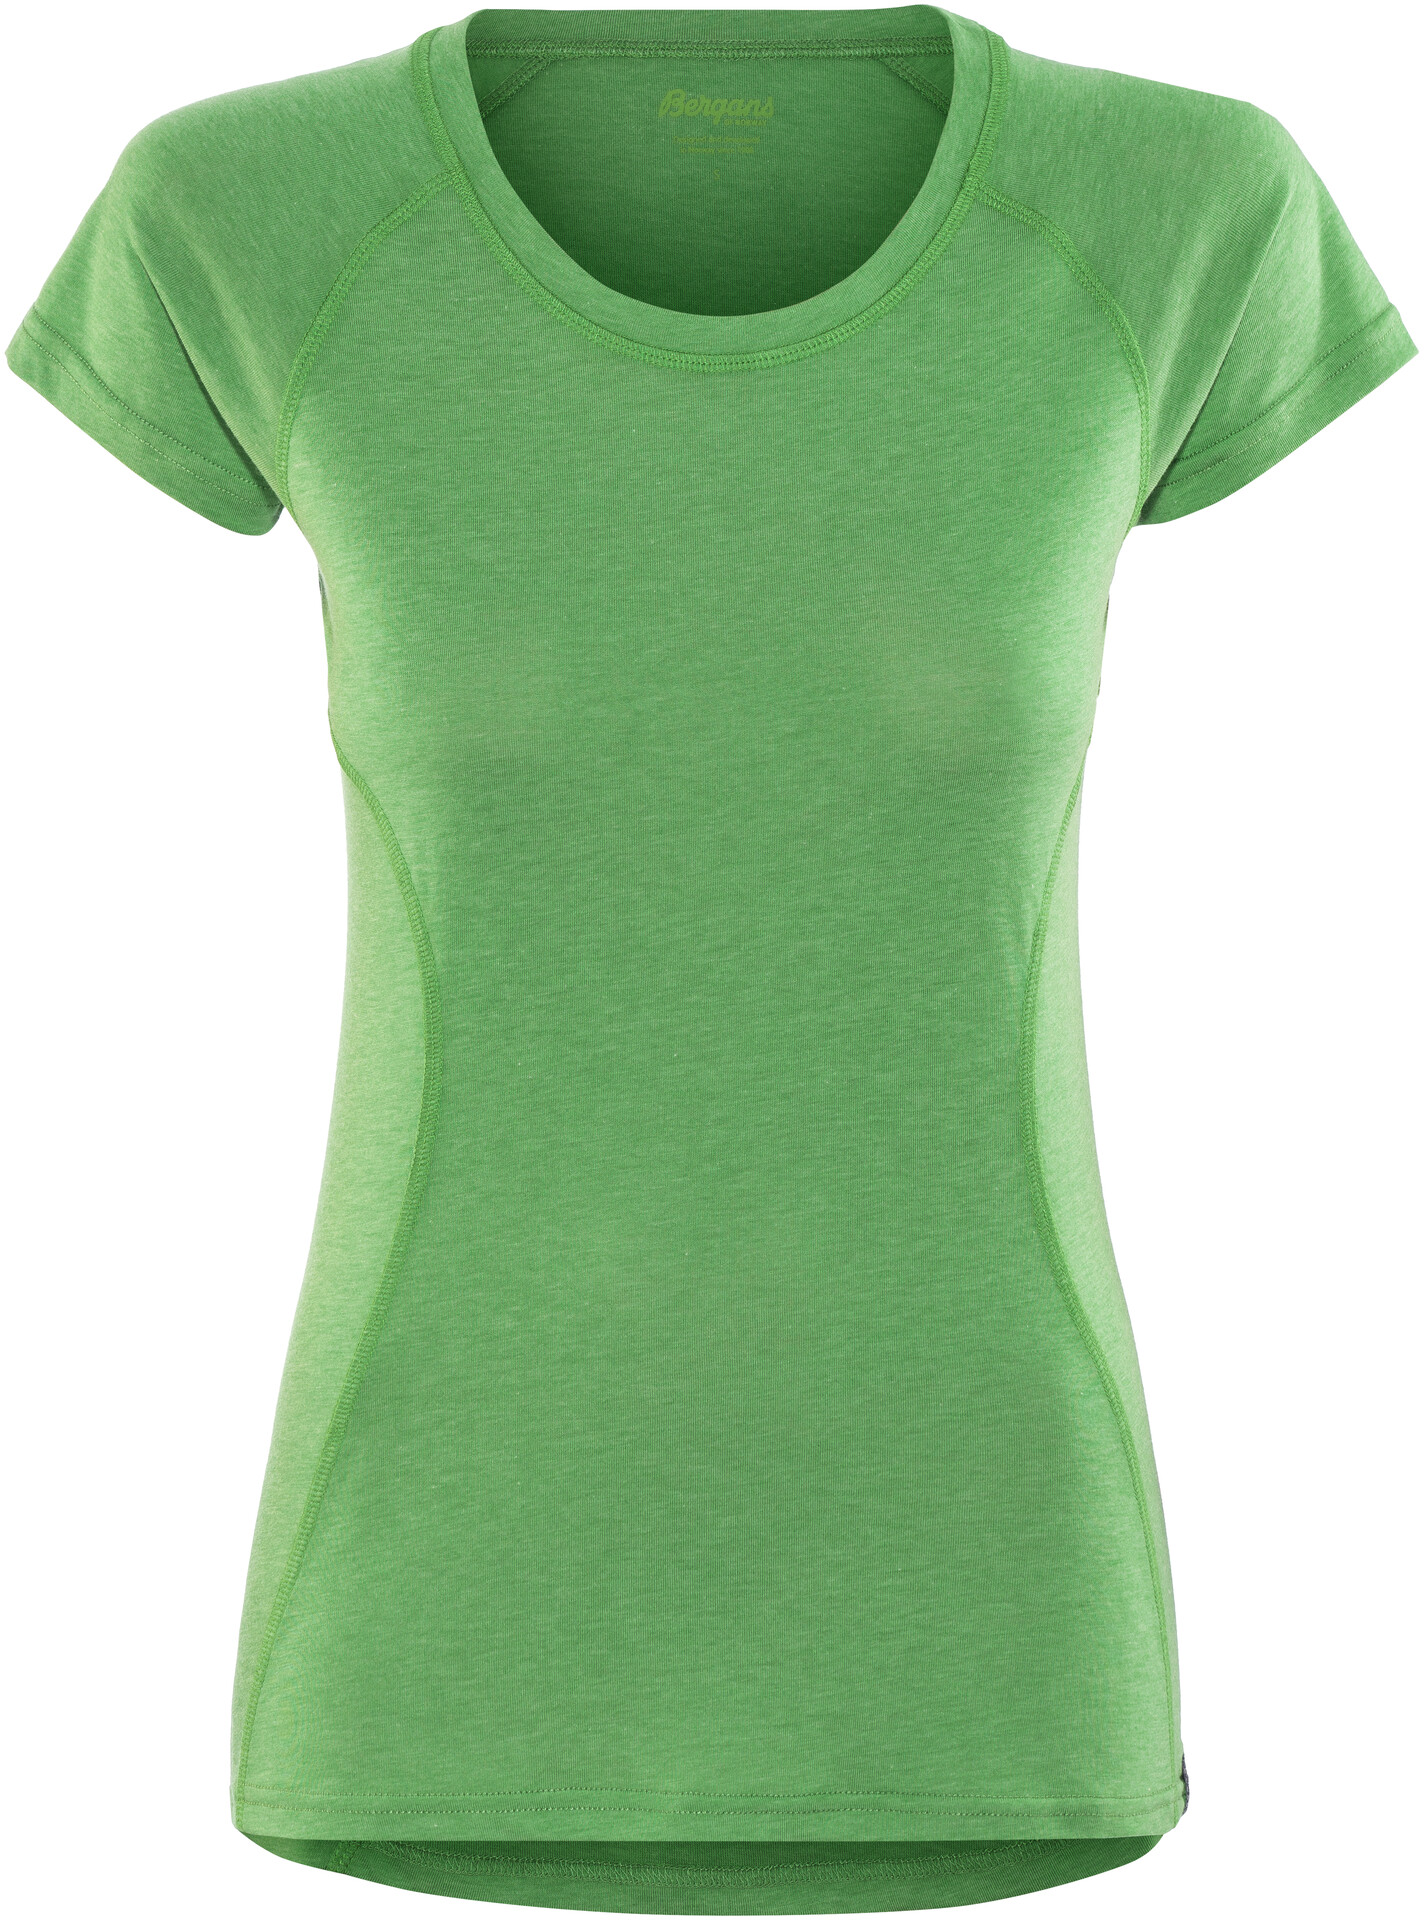 e14cd8c8 sko sko Bergans grøn Cecilie Damer Damer shirt Kortærmet outdoortøj Find T  w7Swq4v